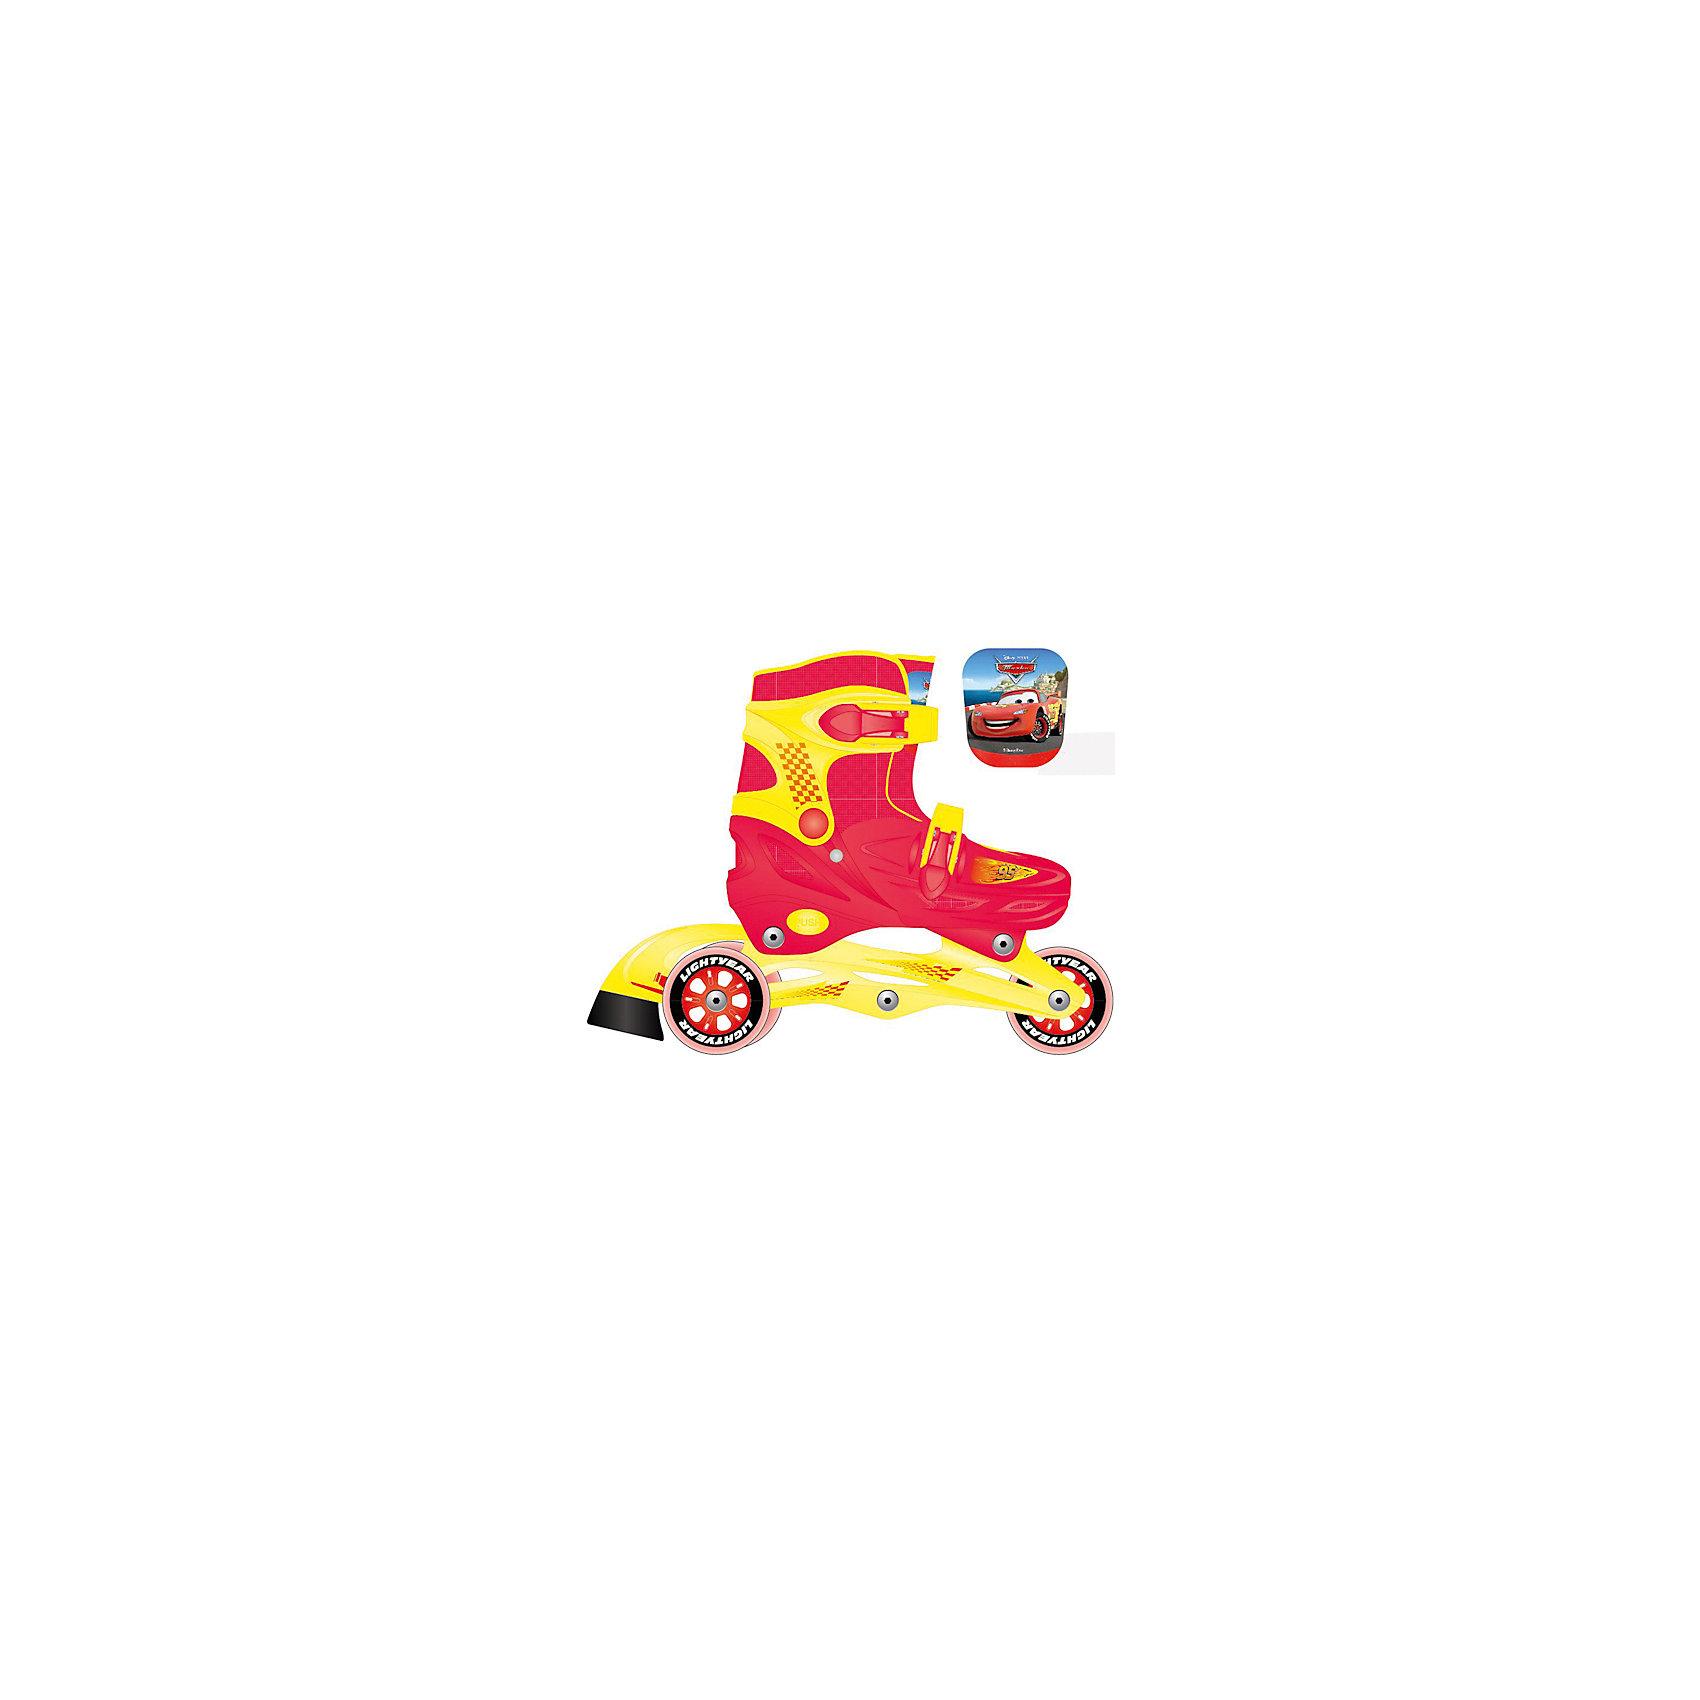 Роликовые коньки, раздвижные, ТачкиРолики<br>Характеристики товара:<br><br>• материал: полимер<br>• цвет: красный, желтый<br>• колеса: 64х24 мм<br>• удобный тормоз сзади<br>• жесткий ботинок обеспечивает надежную фиксацию стопы<br>• раздвижные - хватит на несколько сезонов<br>• колеса можно расположить как в ряд, так и два - сзади<br>• надежные материалы<br>• декорированы принтом<br>• продуманная конструкция<br>• яркий цвет<br><br>Подарить ребенку такие ролики - значит, помочь его развитию! Они способствуют скорейшему развитию способности ориентироваться в пространстве, развивают физические способности, мышление и ловкость. Помимо этого, кататься на них - очень увлекательное занятие!<br><br>Эти ролики разработаны специально для детей. Они раздвижные, поэтому размер легко меняется, что позволяет не покупать новые ролики на каждый сезон. Жесткий ботинок помогает защитить голеностоп. Данная модель выполнена в ярком дизайне, отличается продуманной конструкцией и деталями, которые обеспечивают безопасность ребенка. Отличный подарок для активного малыша!<br><br>Роликовые коньки, раздвижные, Тачки, от бренда Next можно купить в нашем интернет-магазине.<br><br>Ширина мм: 650<br>Глубина мм: 330<br>Высота мм: 440<br>Вес г: 2120<br>Цвет: белый<br>Возраст от месяцев: 72<br>Возраст до месяцев: 108<br>Пол: Мужской<br>Возраст: Детский<br>Размер: 30-33<br>SKU: 4616459